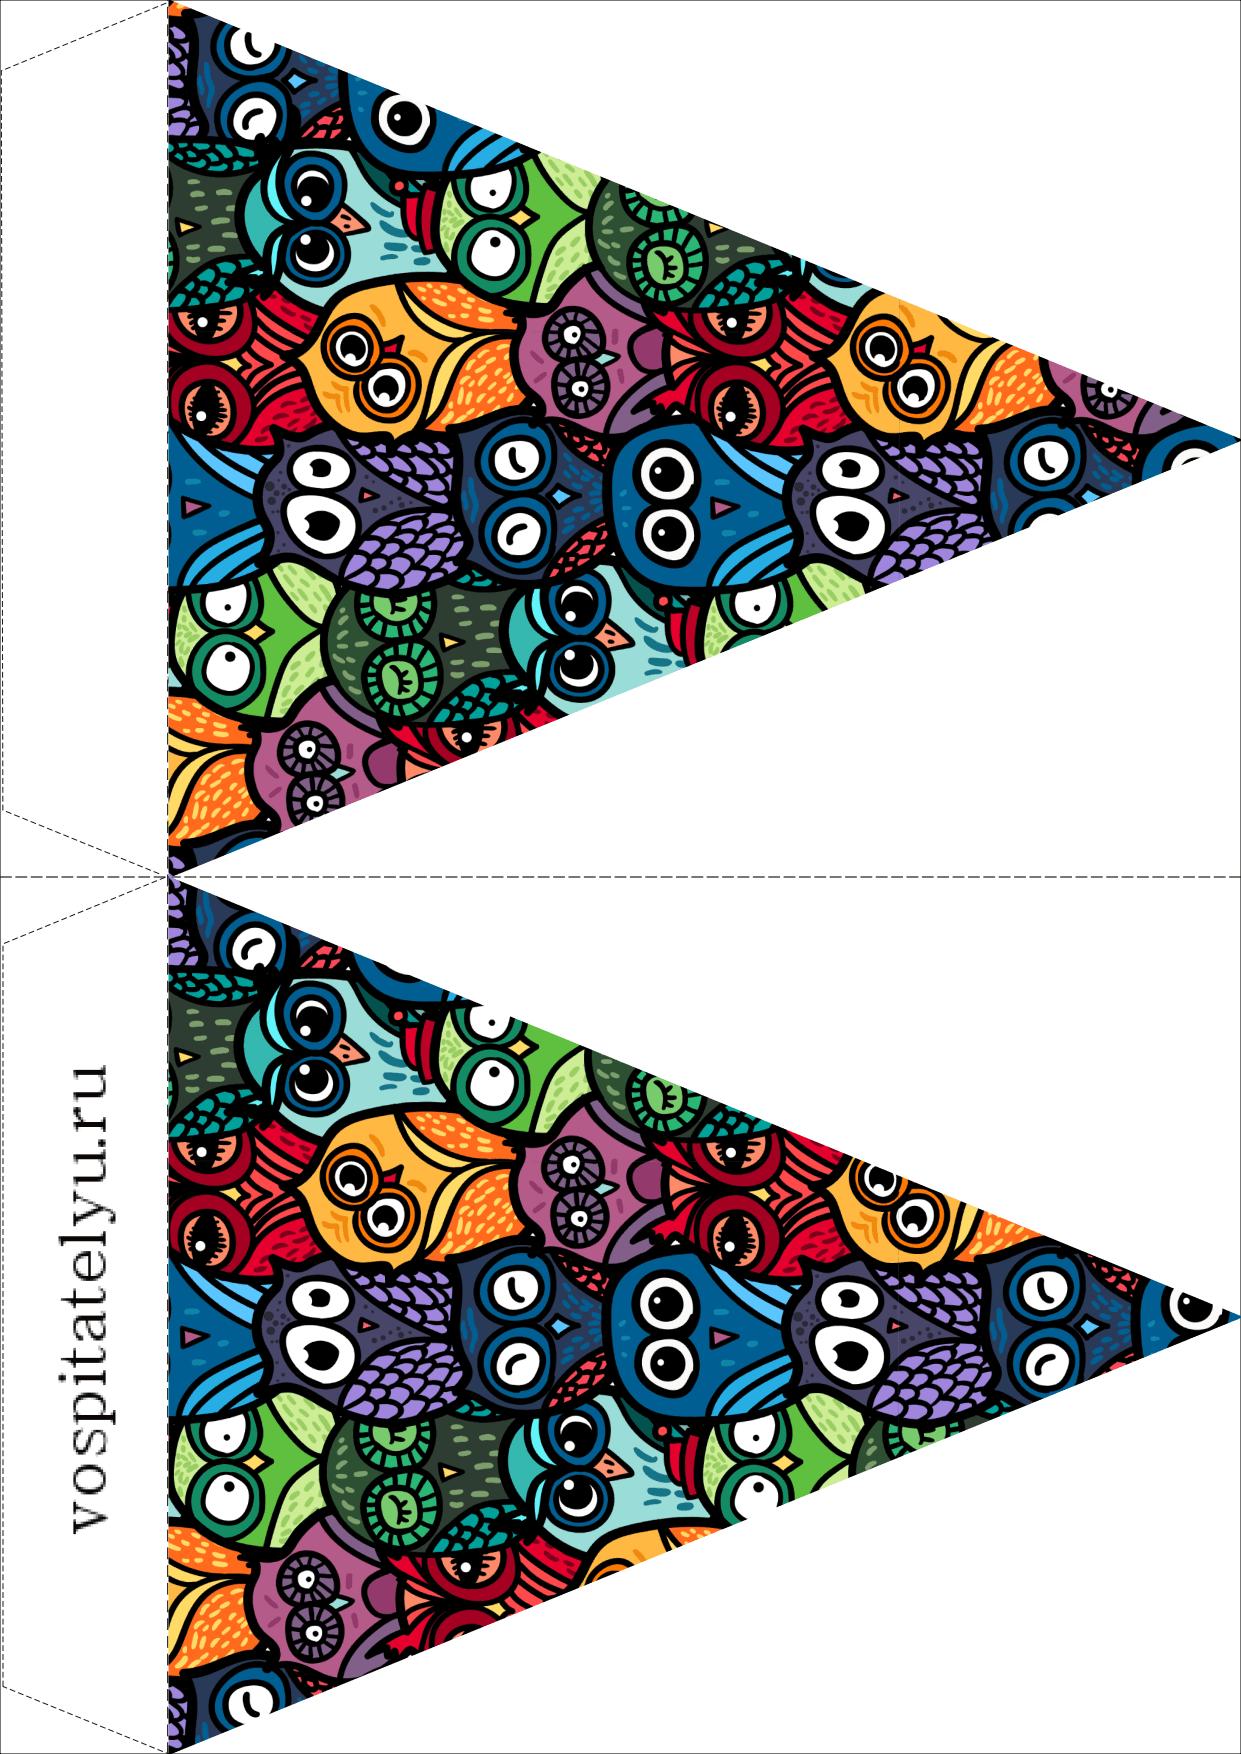 новогодние флажки для офоррмления совы